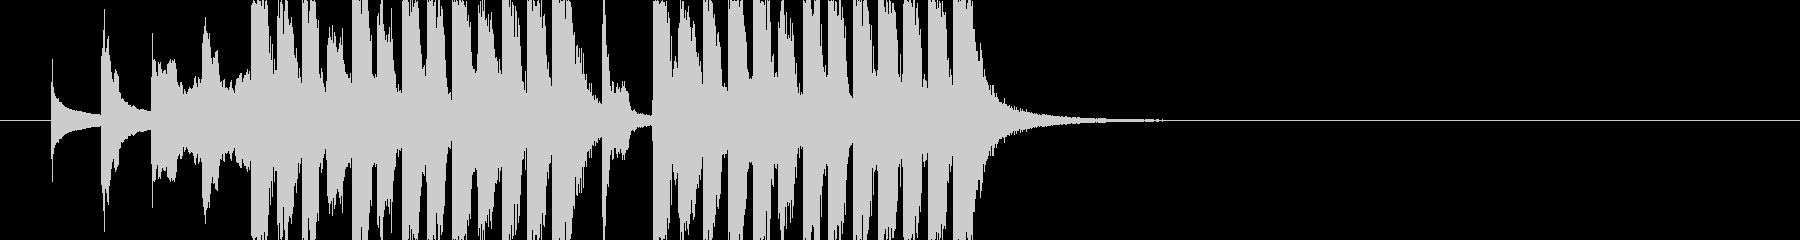 コミカルなジングル若年層コンテンツ J8の未再生の波形